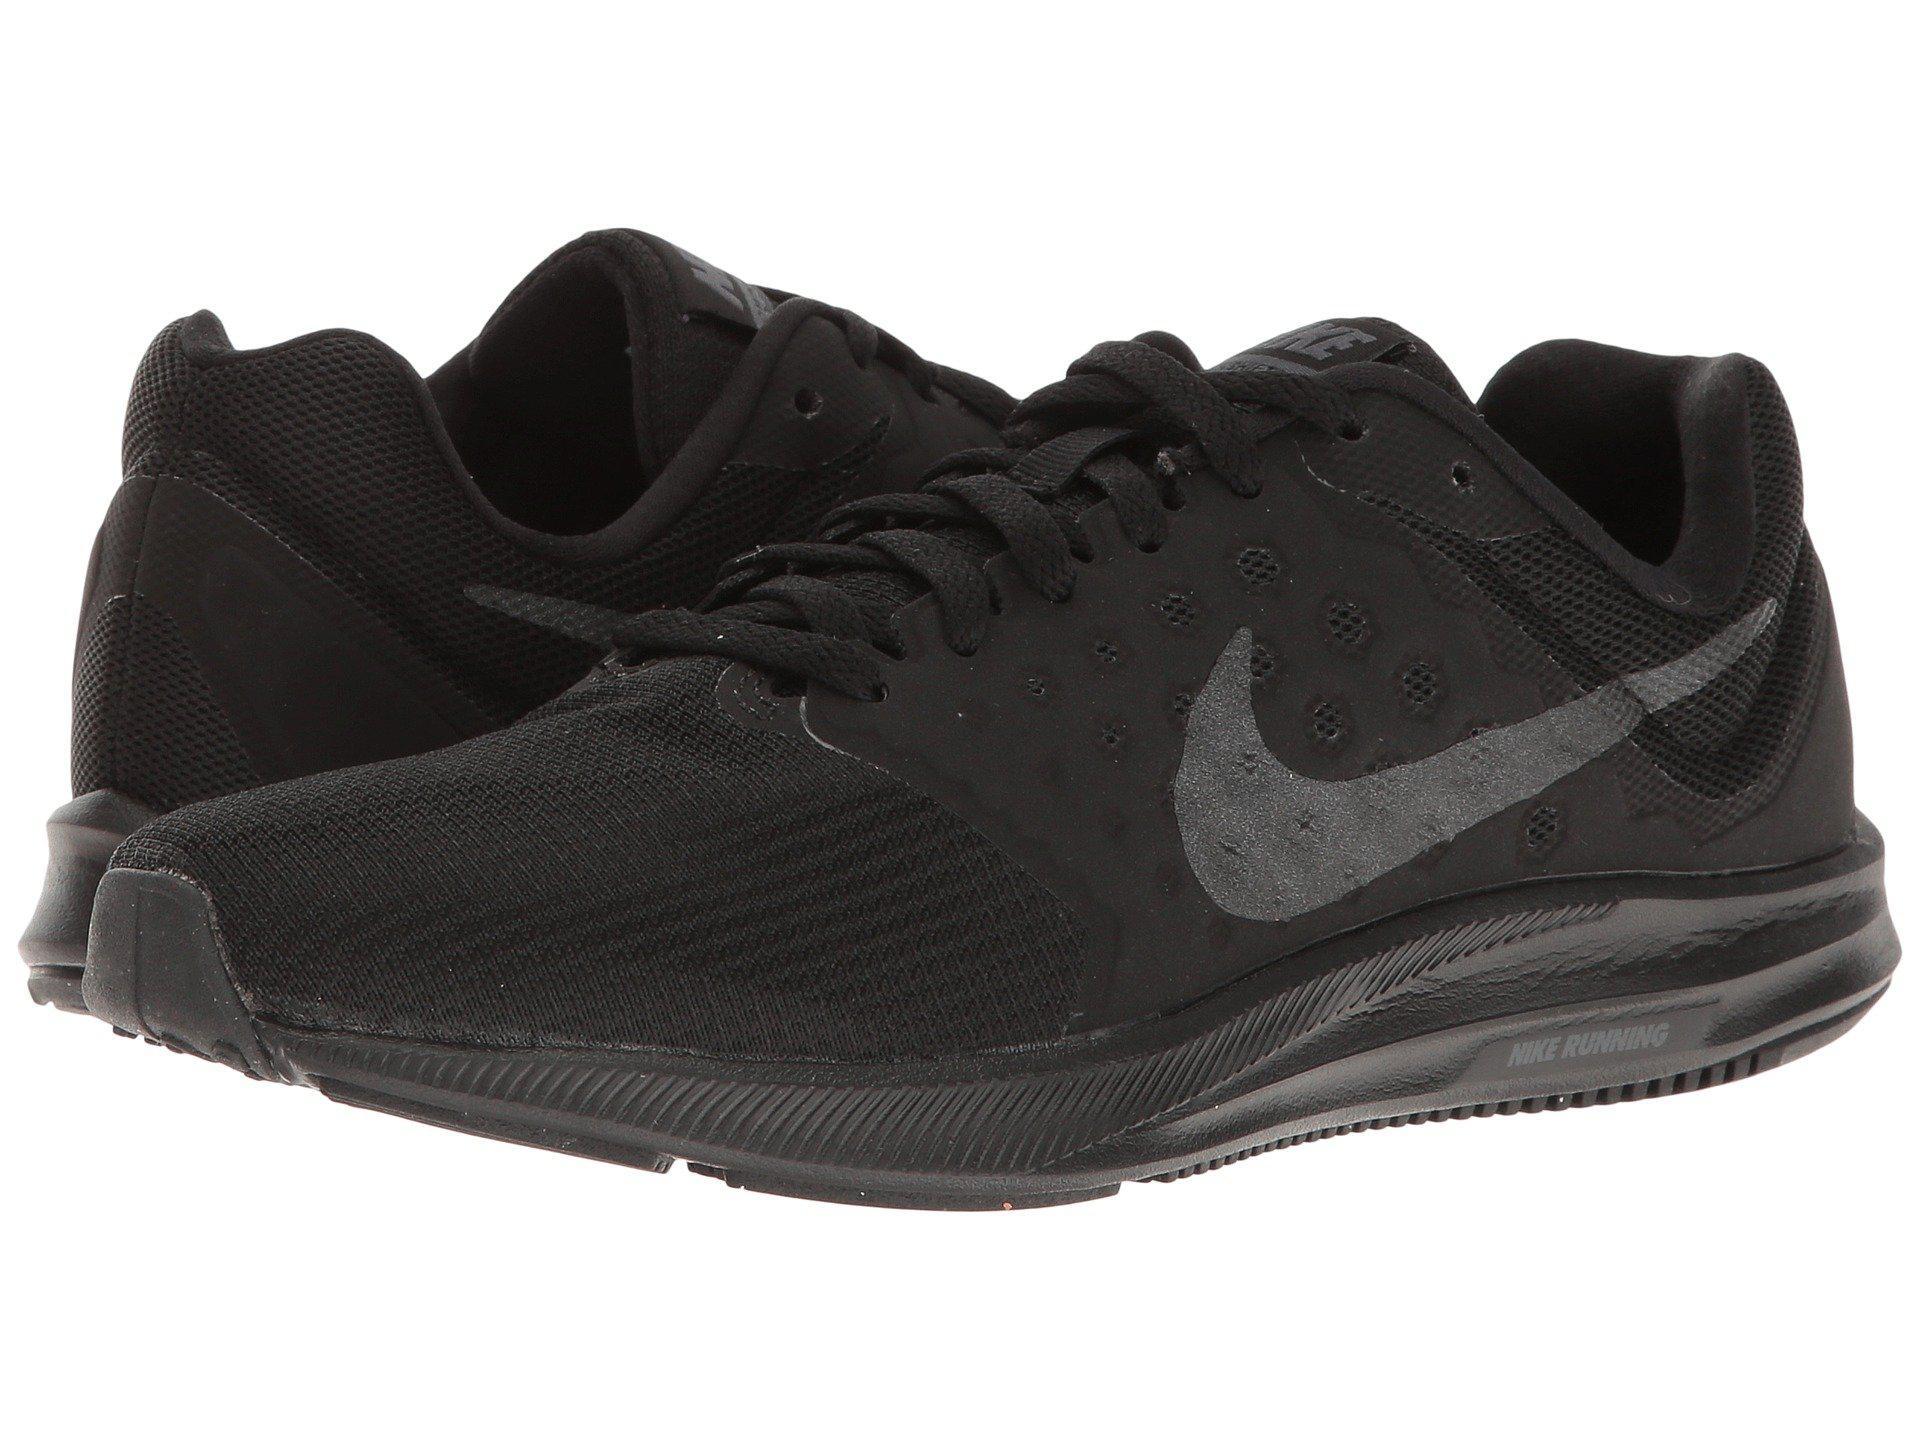 on sale ee9b2 3a871 Lyst - Nike Downshifter 7 (tea Berry black bordeaux white) Women s ...